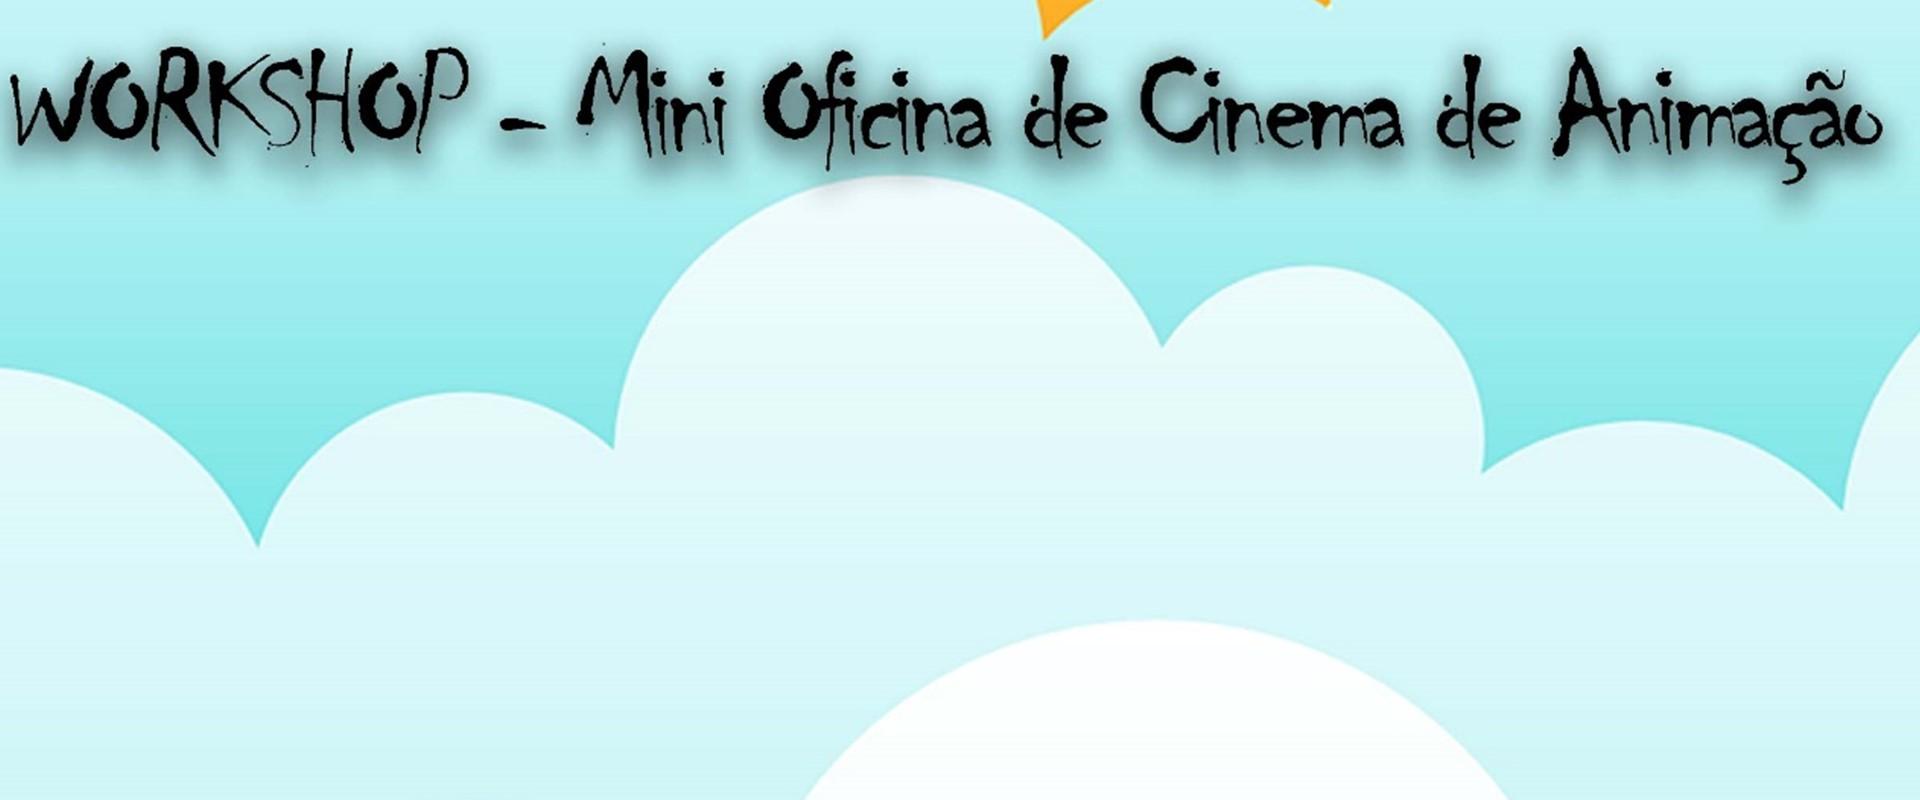 Inscrições para a Oficina de Cinema de Animação estão abertas